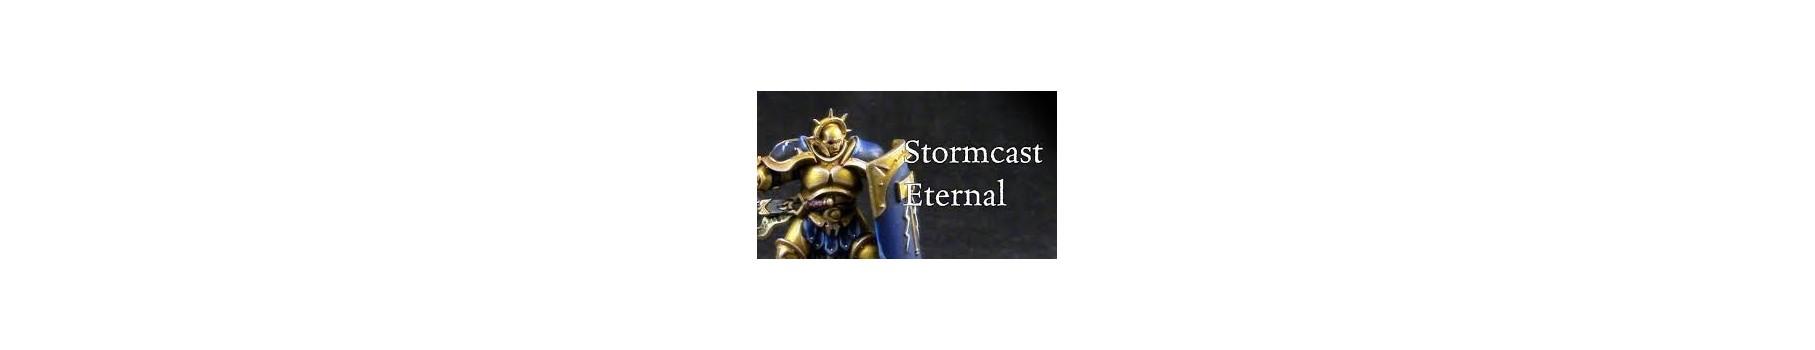 L'Armée des Stormcast Eternals de votre Ludicaire Au Chapeau Enchanté